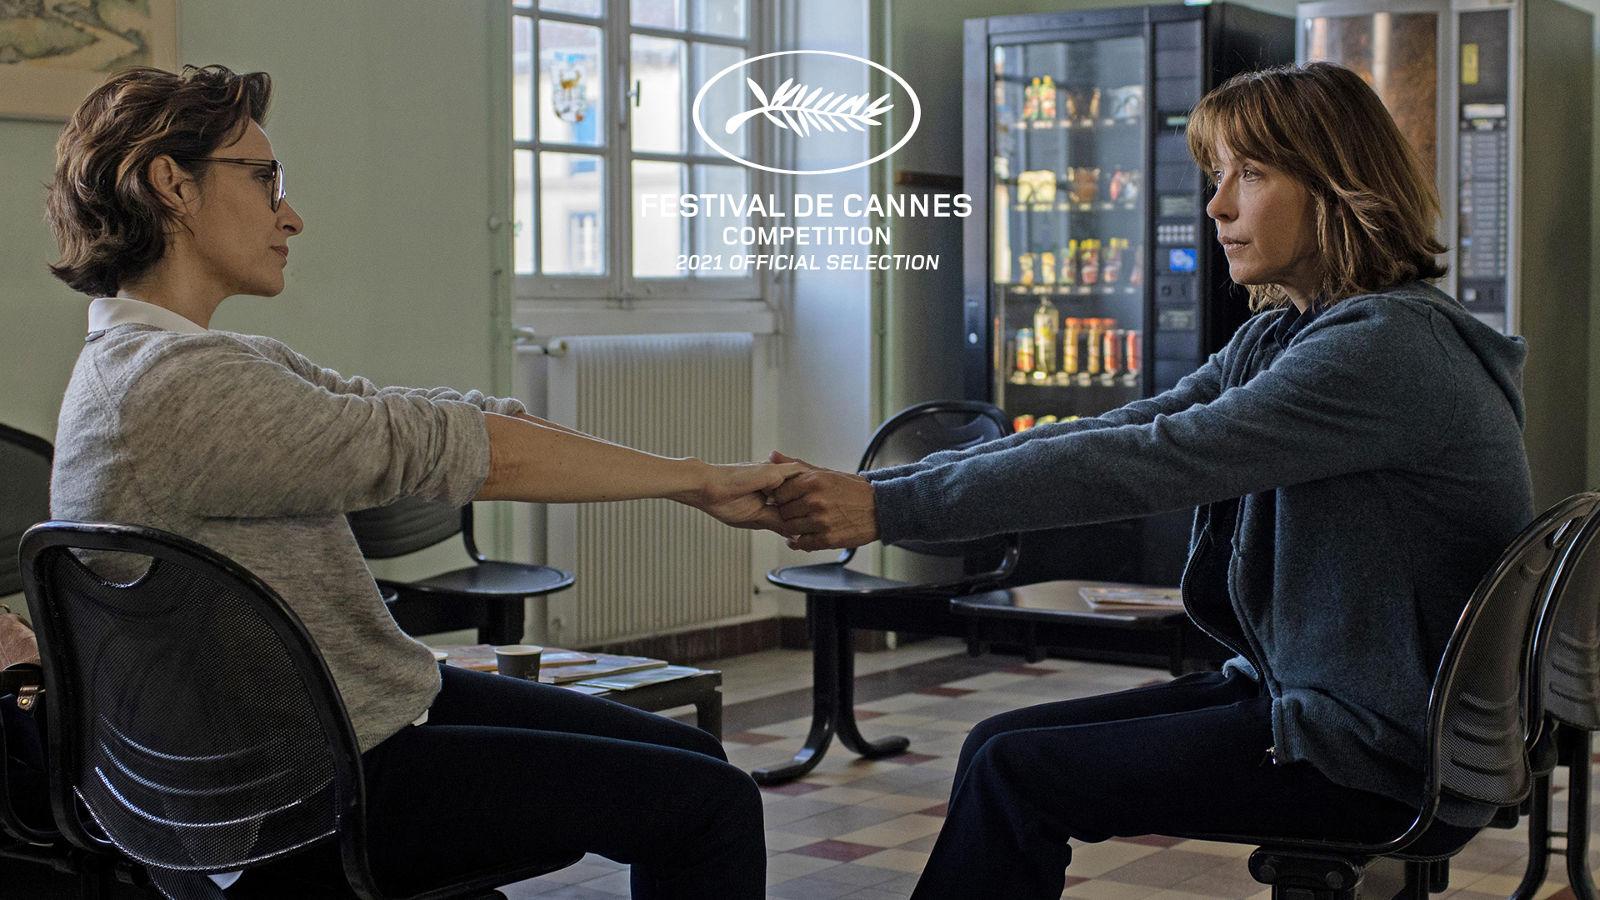 Golem Distribución presentará en el Festival de Cannes con 'Everything Went Fine' de François Ozon